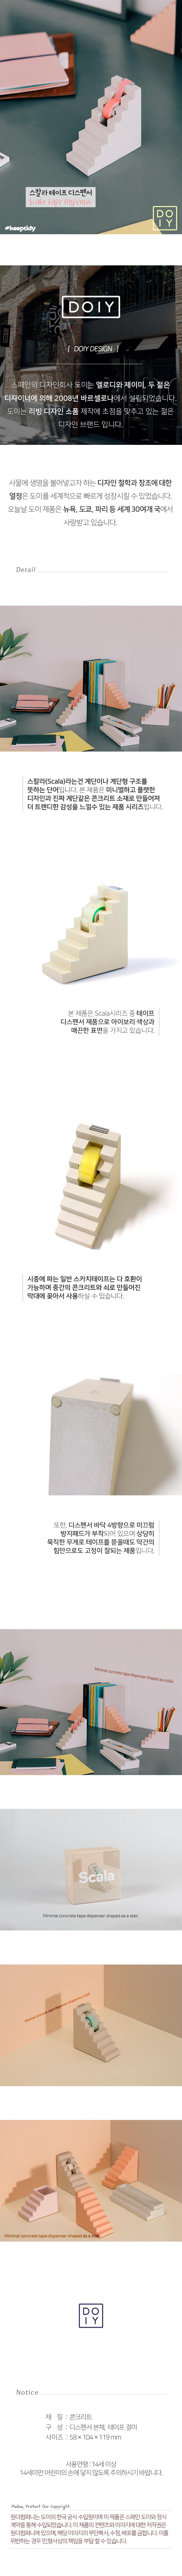 [도이] 스칼라 테이프 커터기 디스펜서 커팅기 - 원더스토어, 47,000원, 테이프, 디스펜서